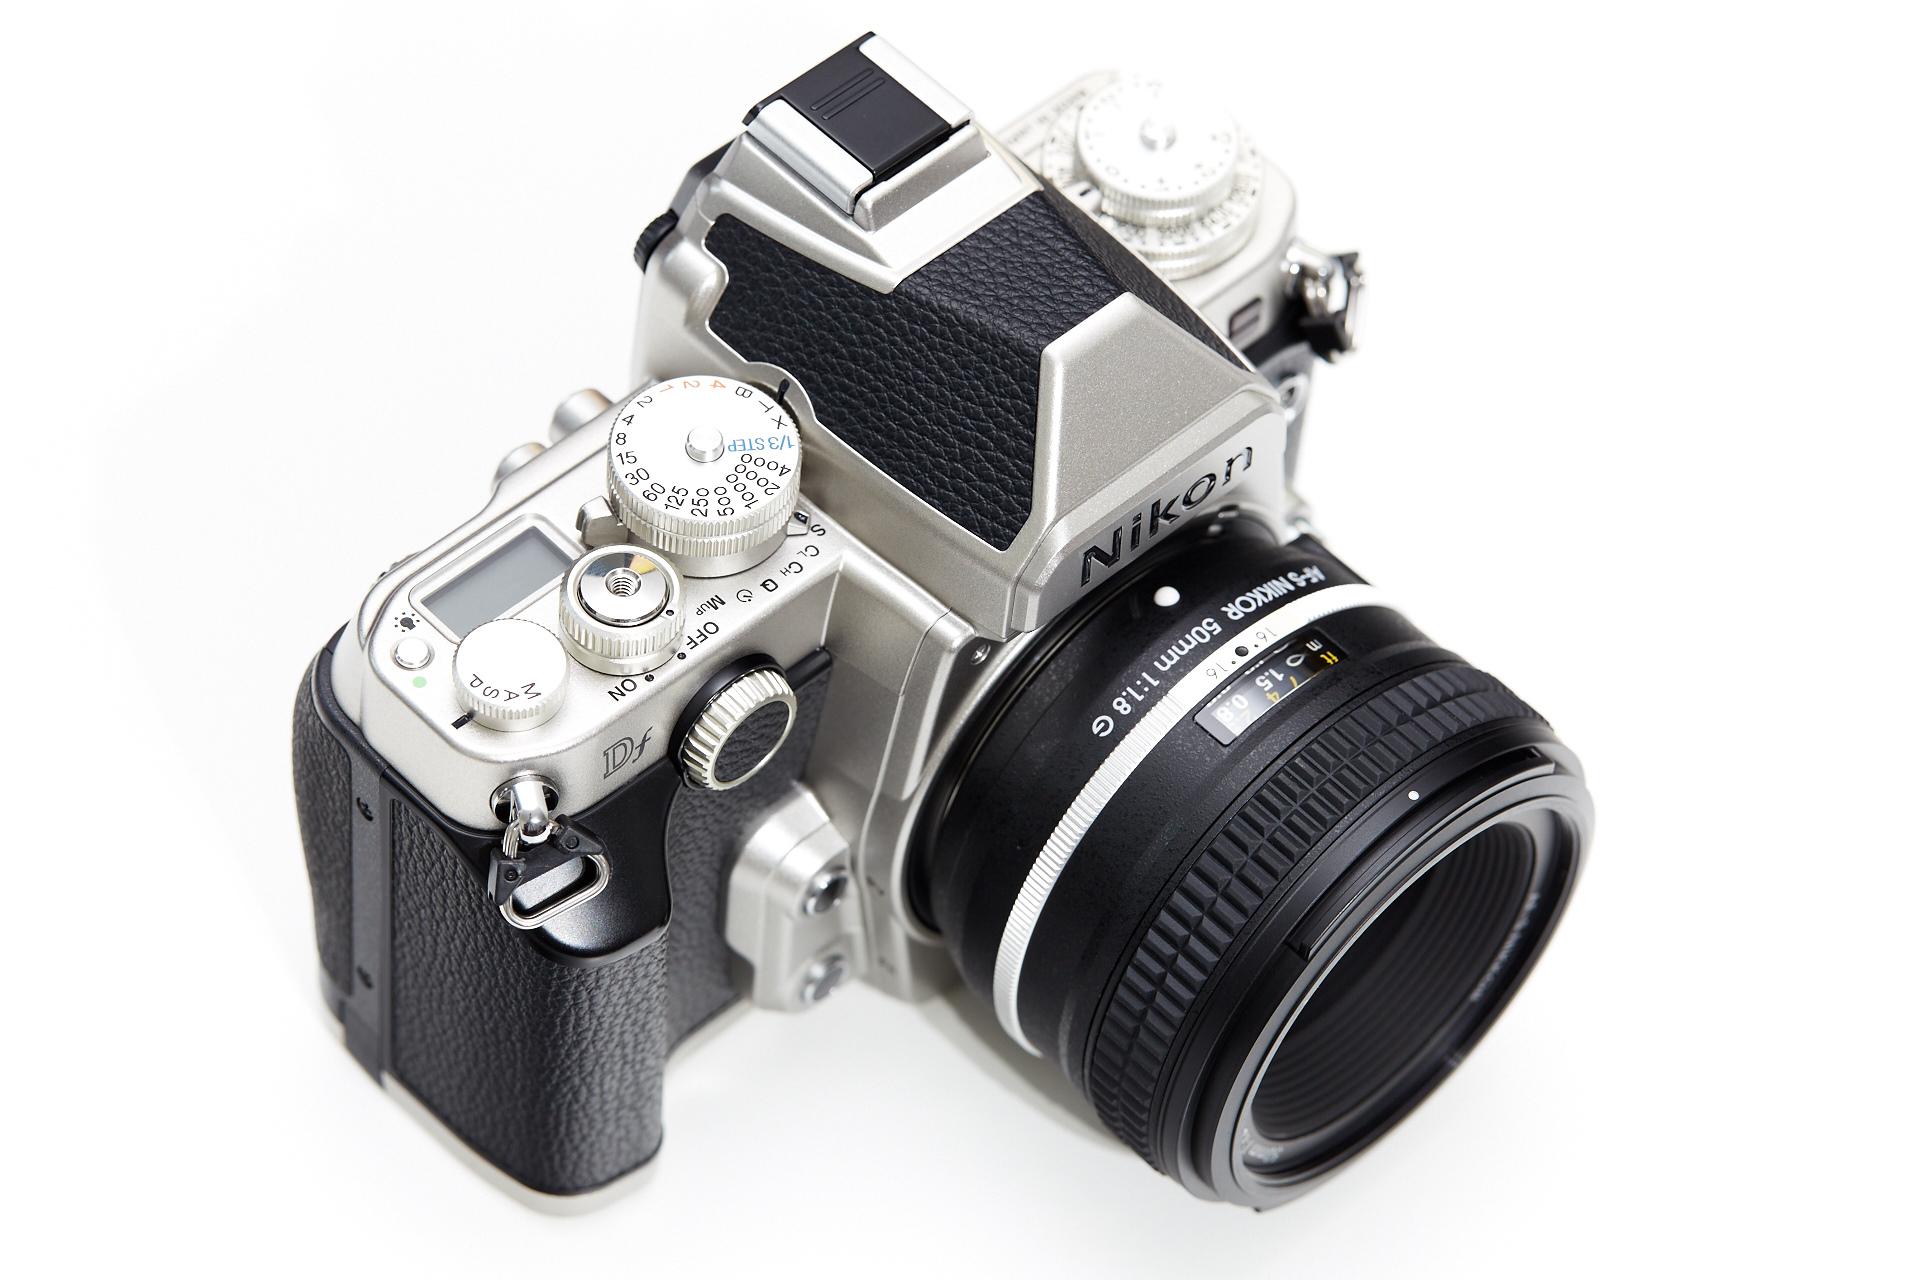 Nikon Df - Retro-Vollformat-DSLR-Kamera im Test | ValueTech.de